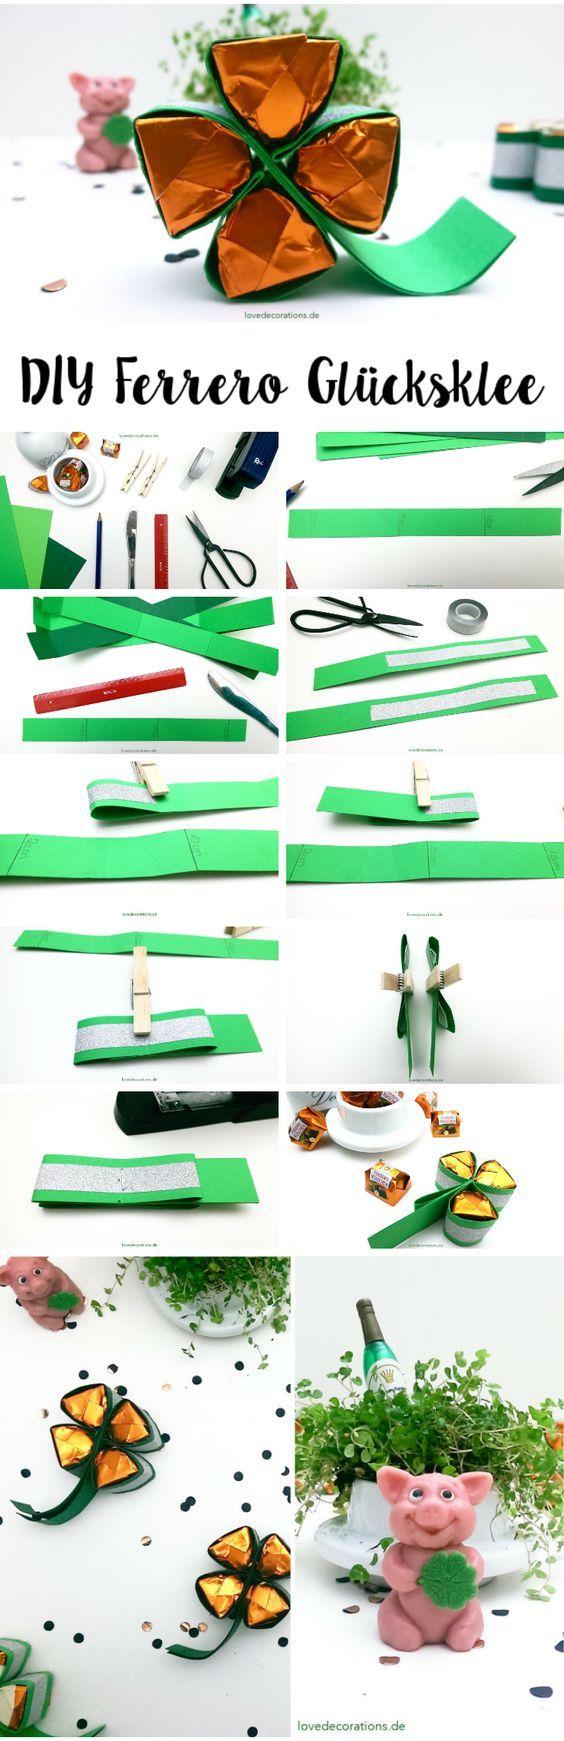 die besten 25 abschluss geschenke ideen auf pinterest. Black Bedroom Furniture Sets. Home Design Ideas